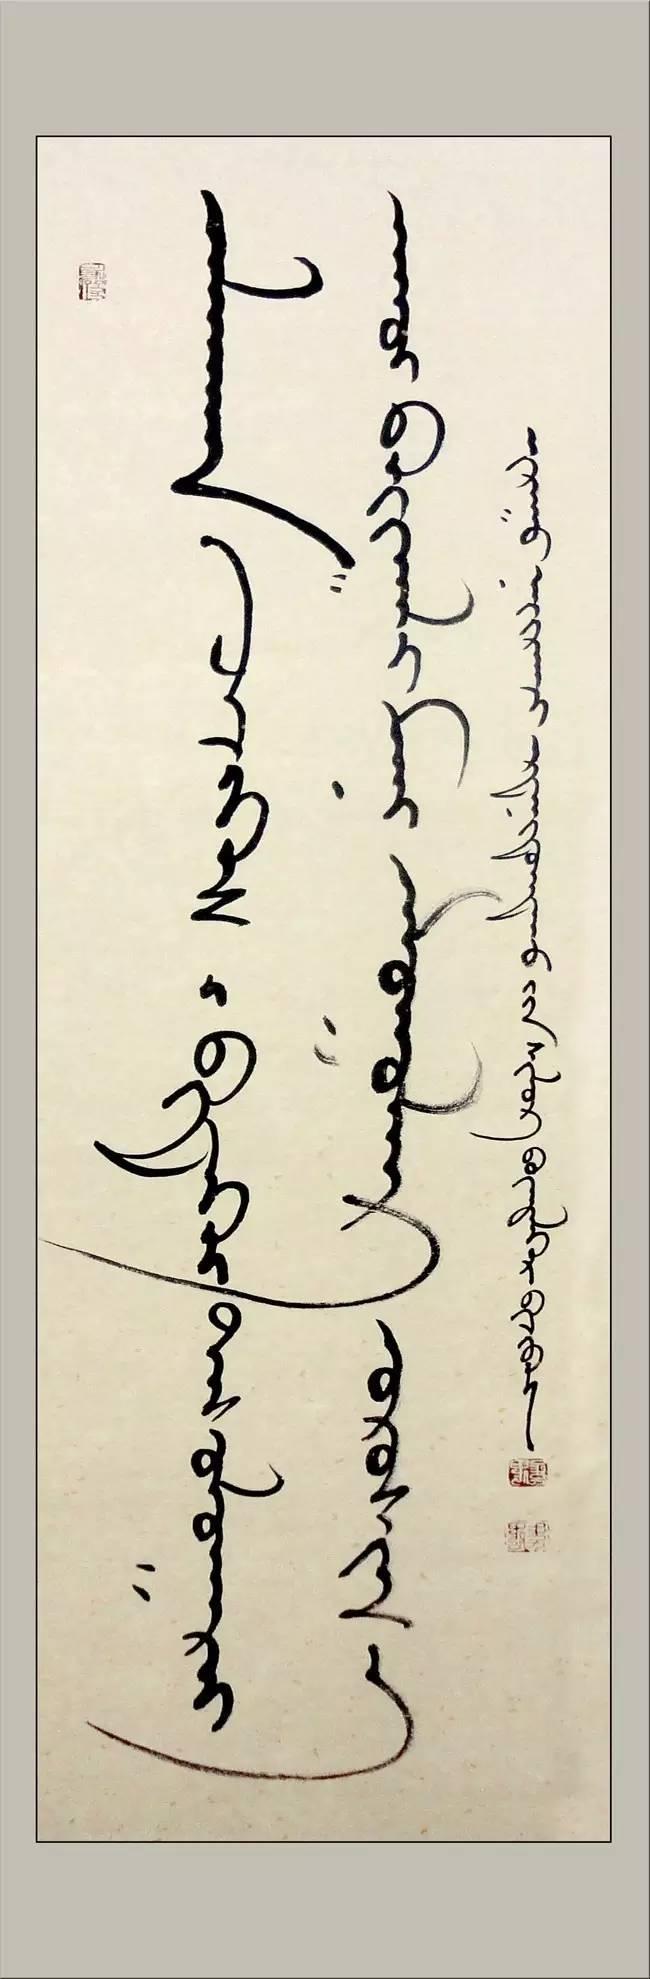 【纪实】蒙古书法的追寻着 —— 宝音德力格尔 第14张 【纪实】蒙古书法的追寻着 —— 宝音德力格尔 蒙古书法